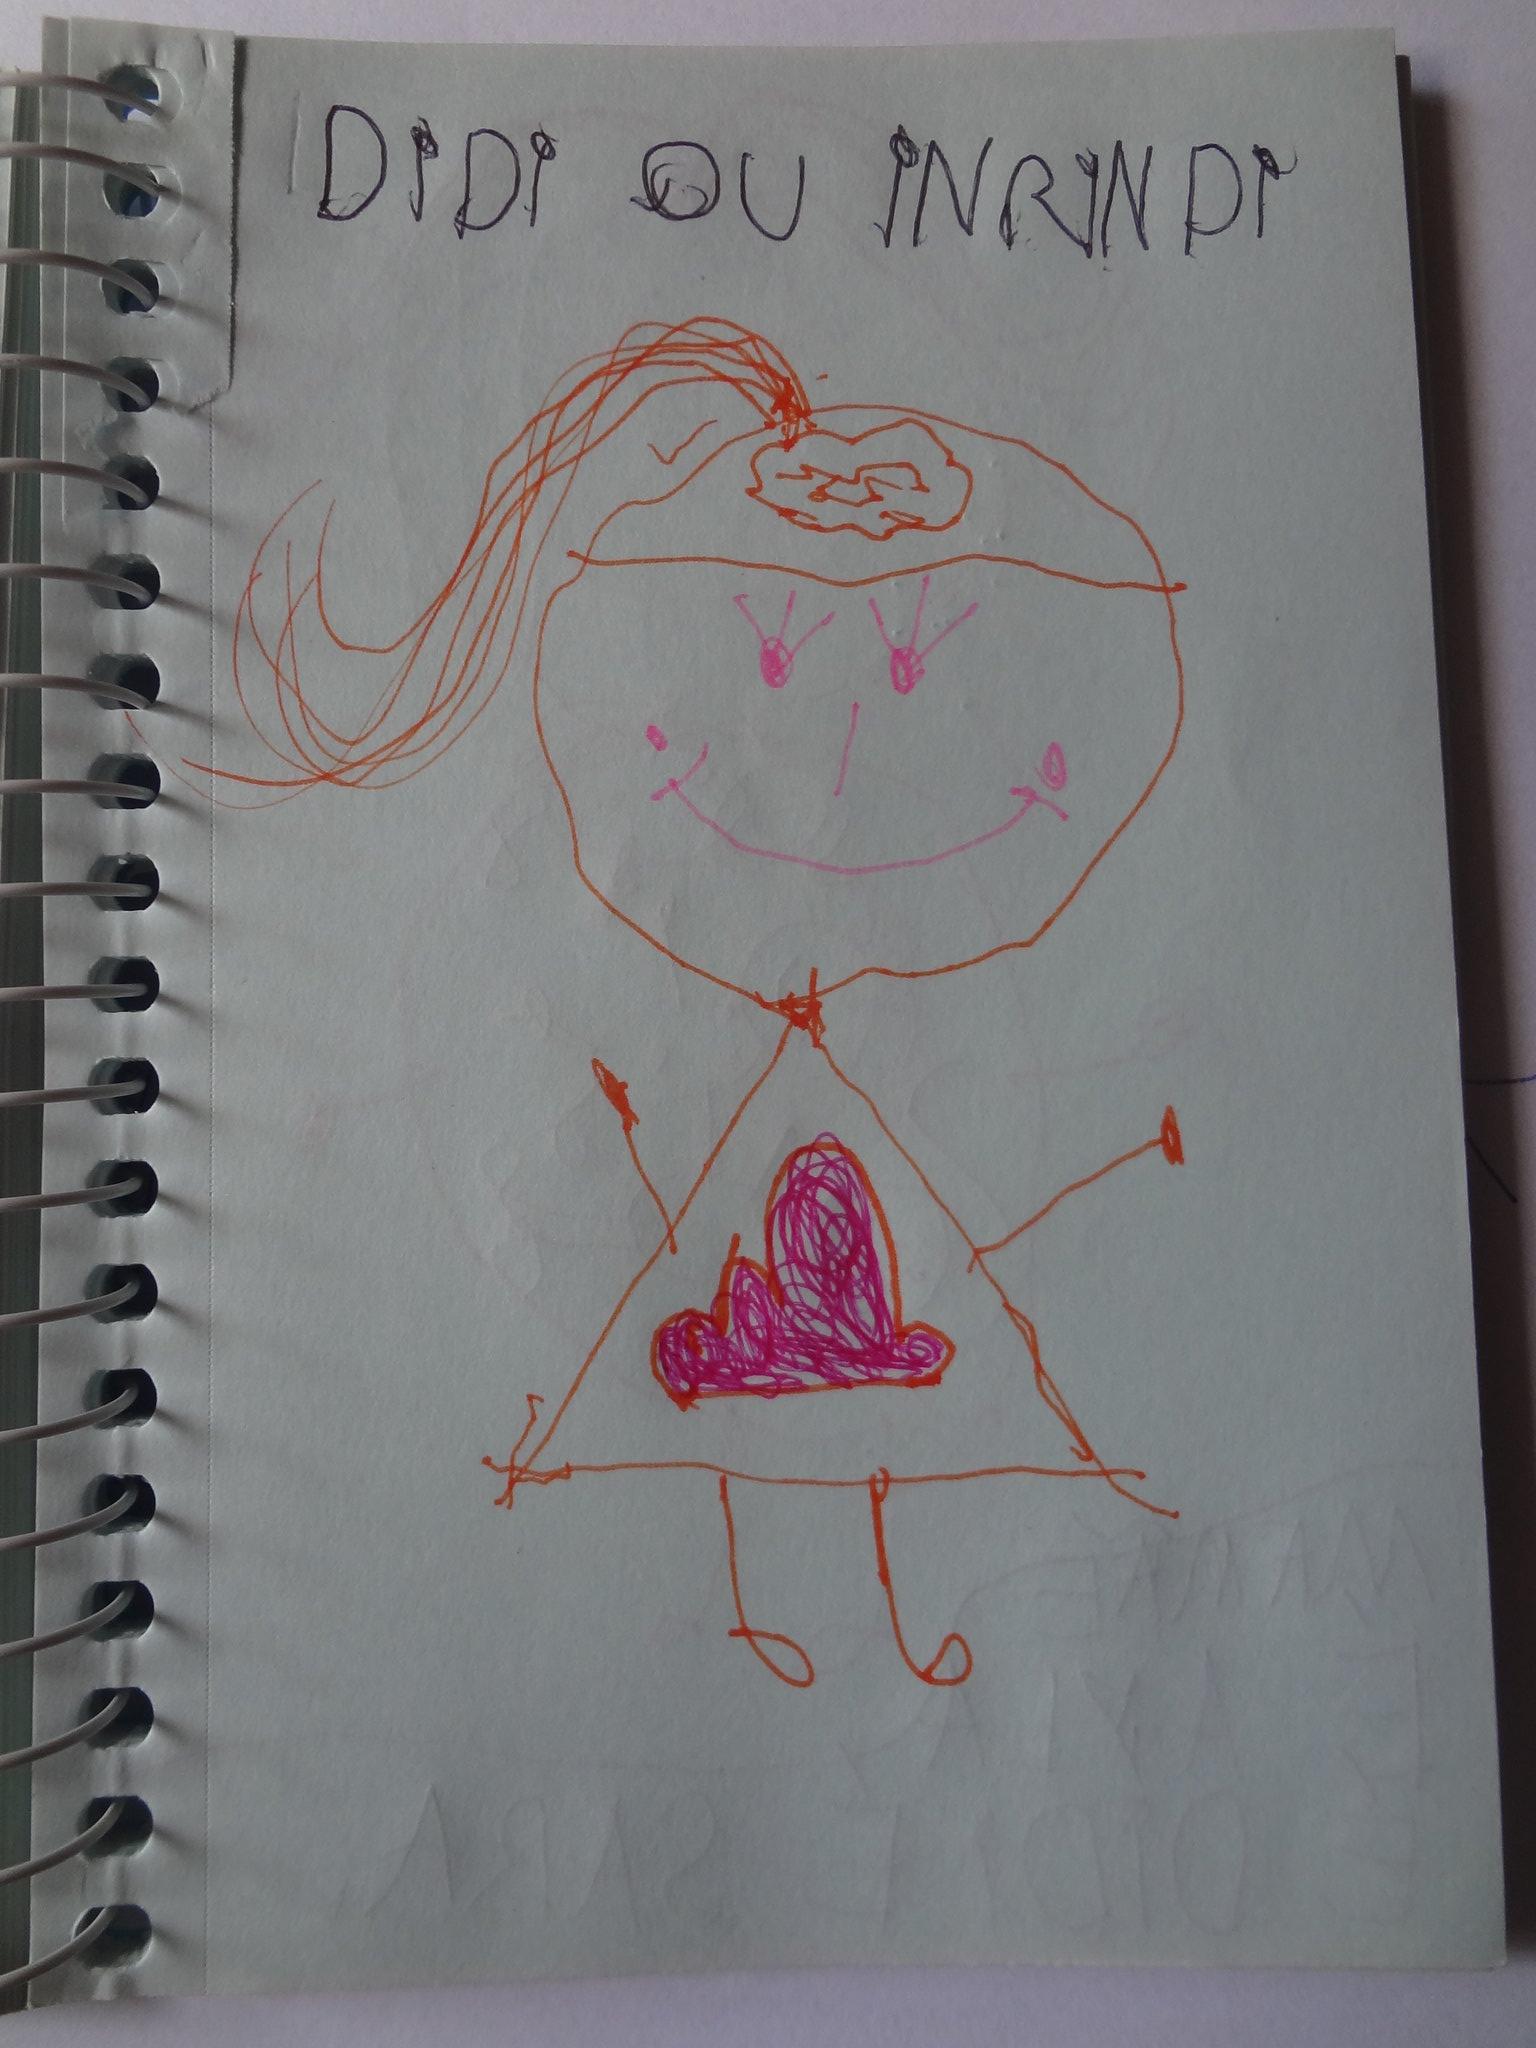 Essa é a Did. A irmã com o cérebro de nuvem e com nuvem no vestido porque ela ama nuvens. Ela tem três cílios